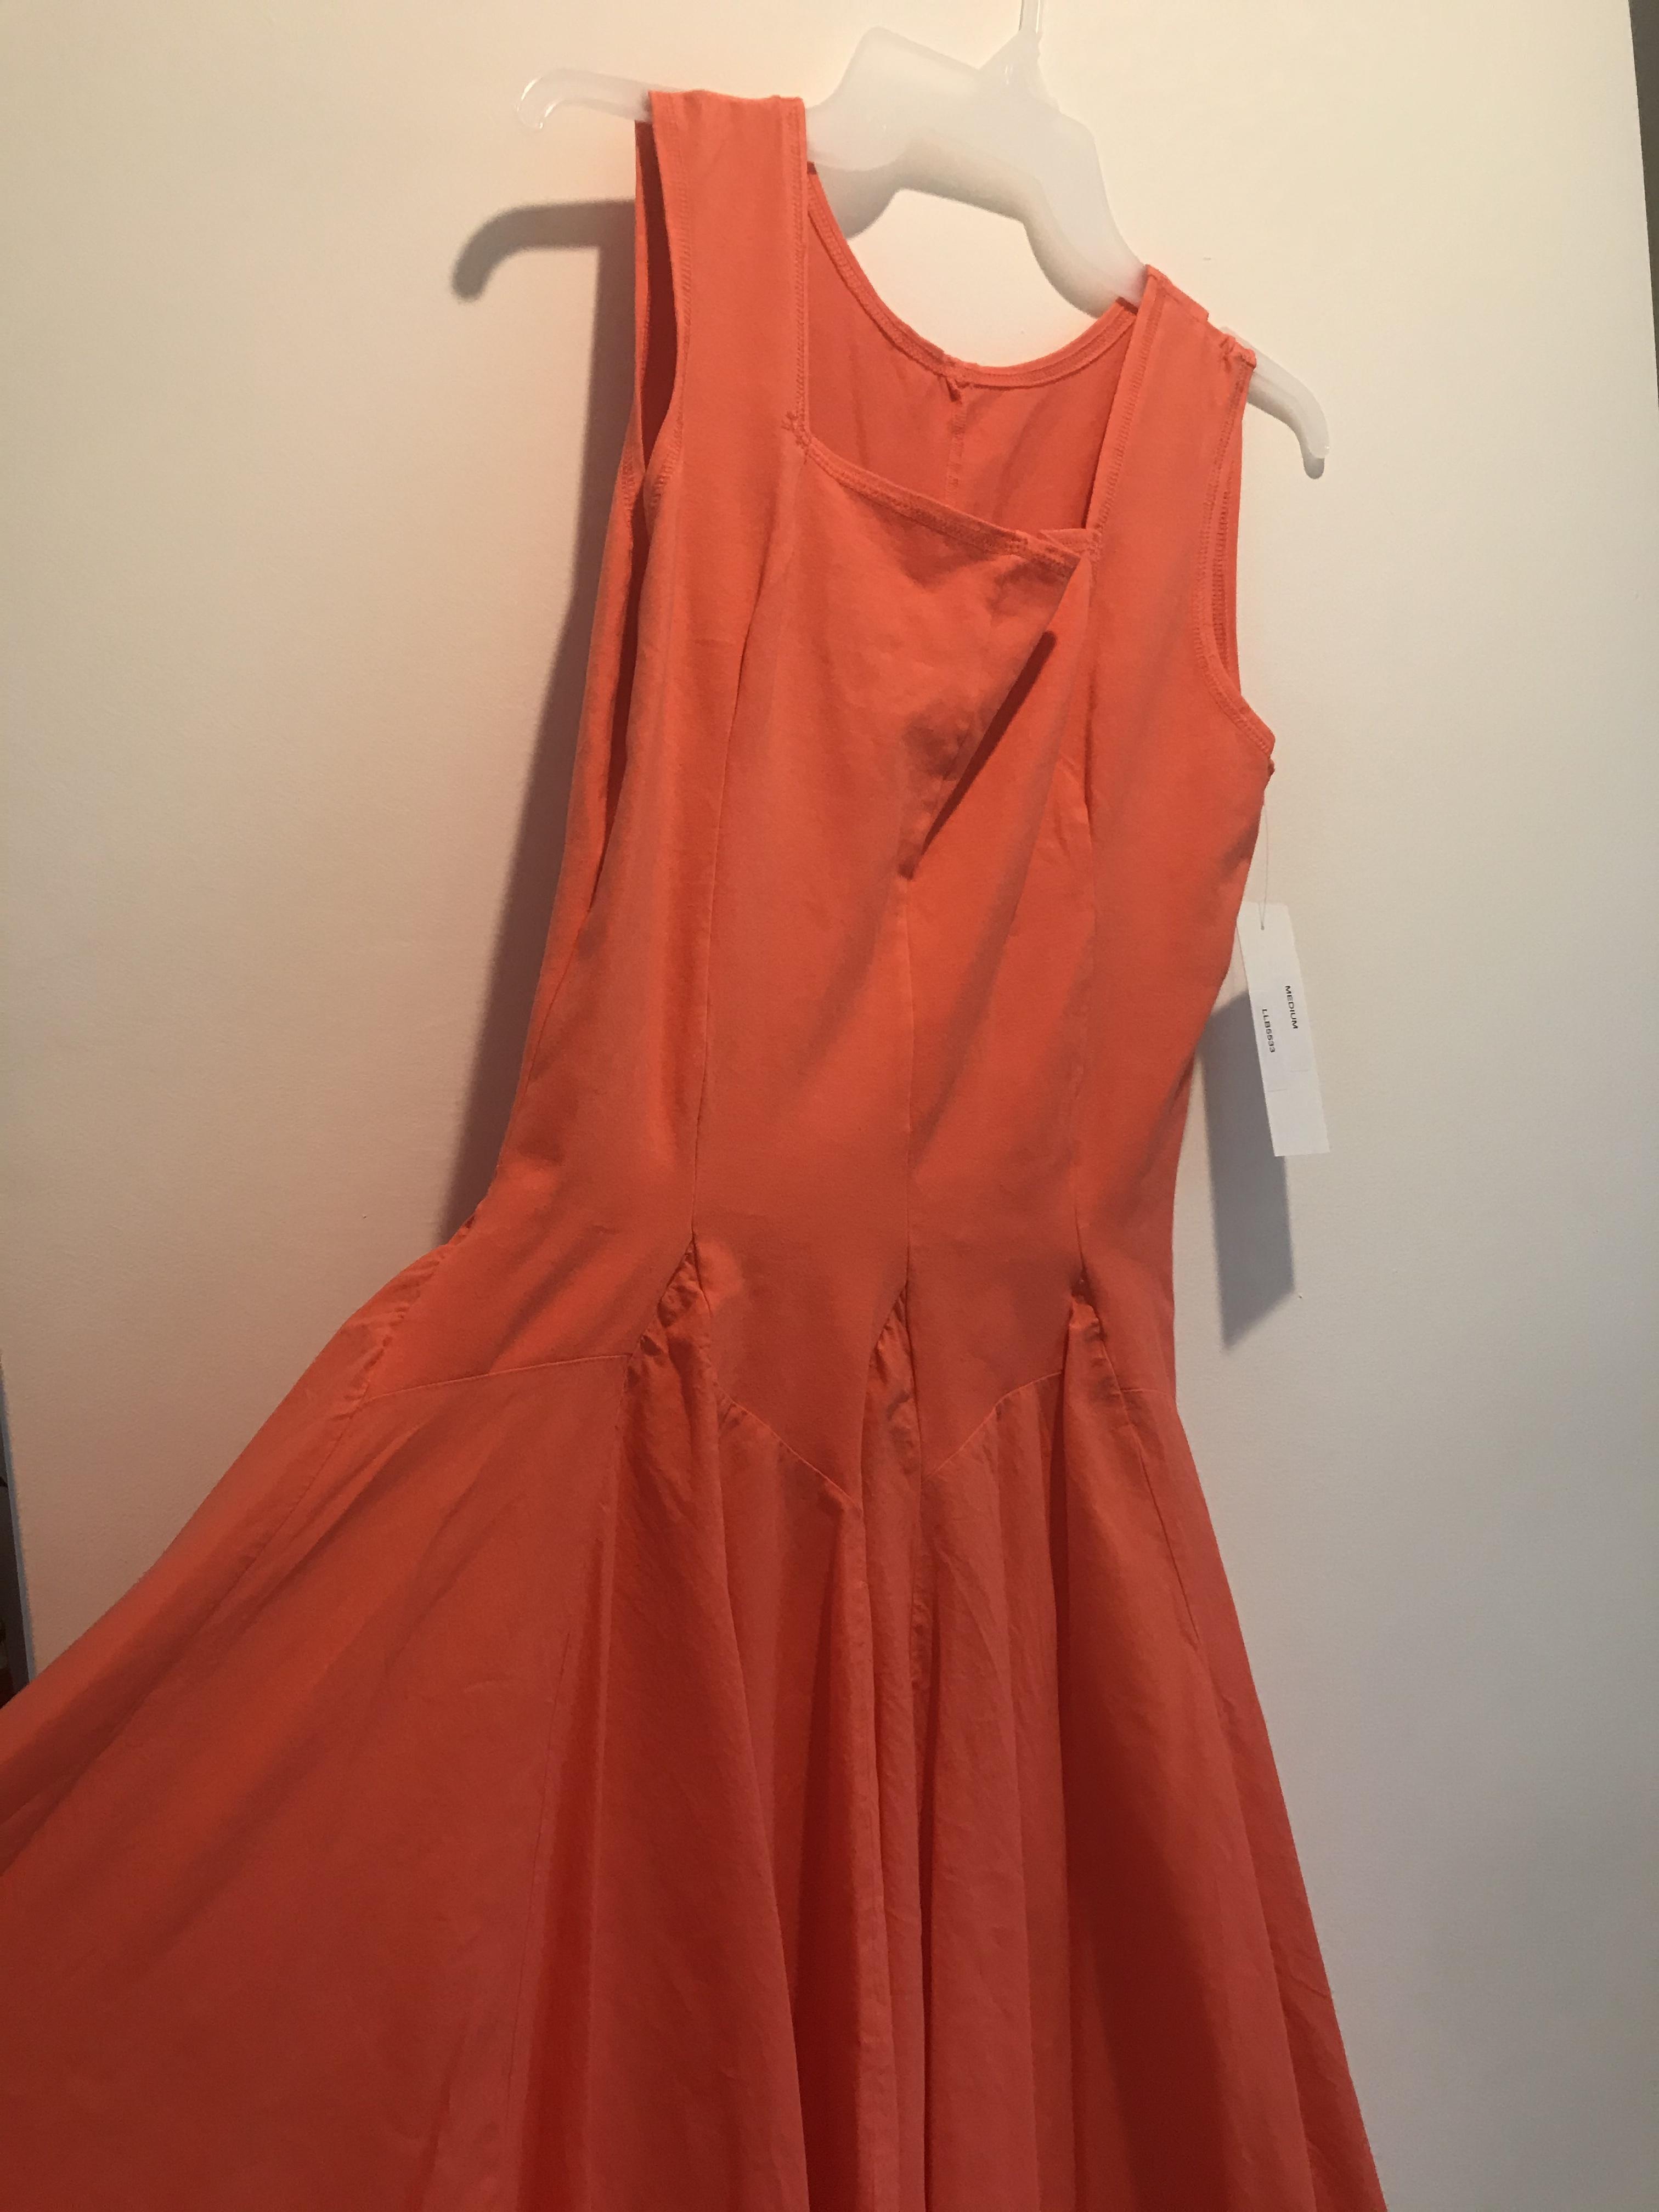 Luna Luz: Godet Dyed Square Neck Dress (Ships Immed in Zest, 1 Left in Medium!) LL_5533_ZEST